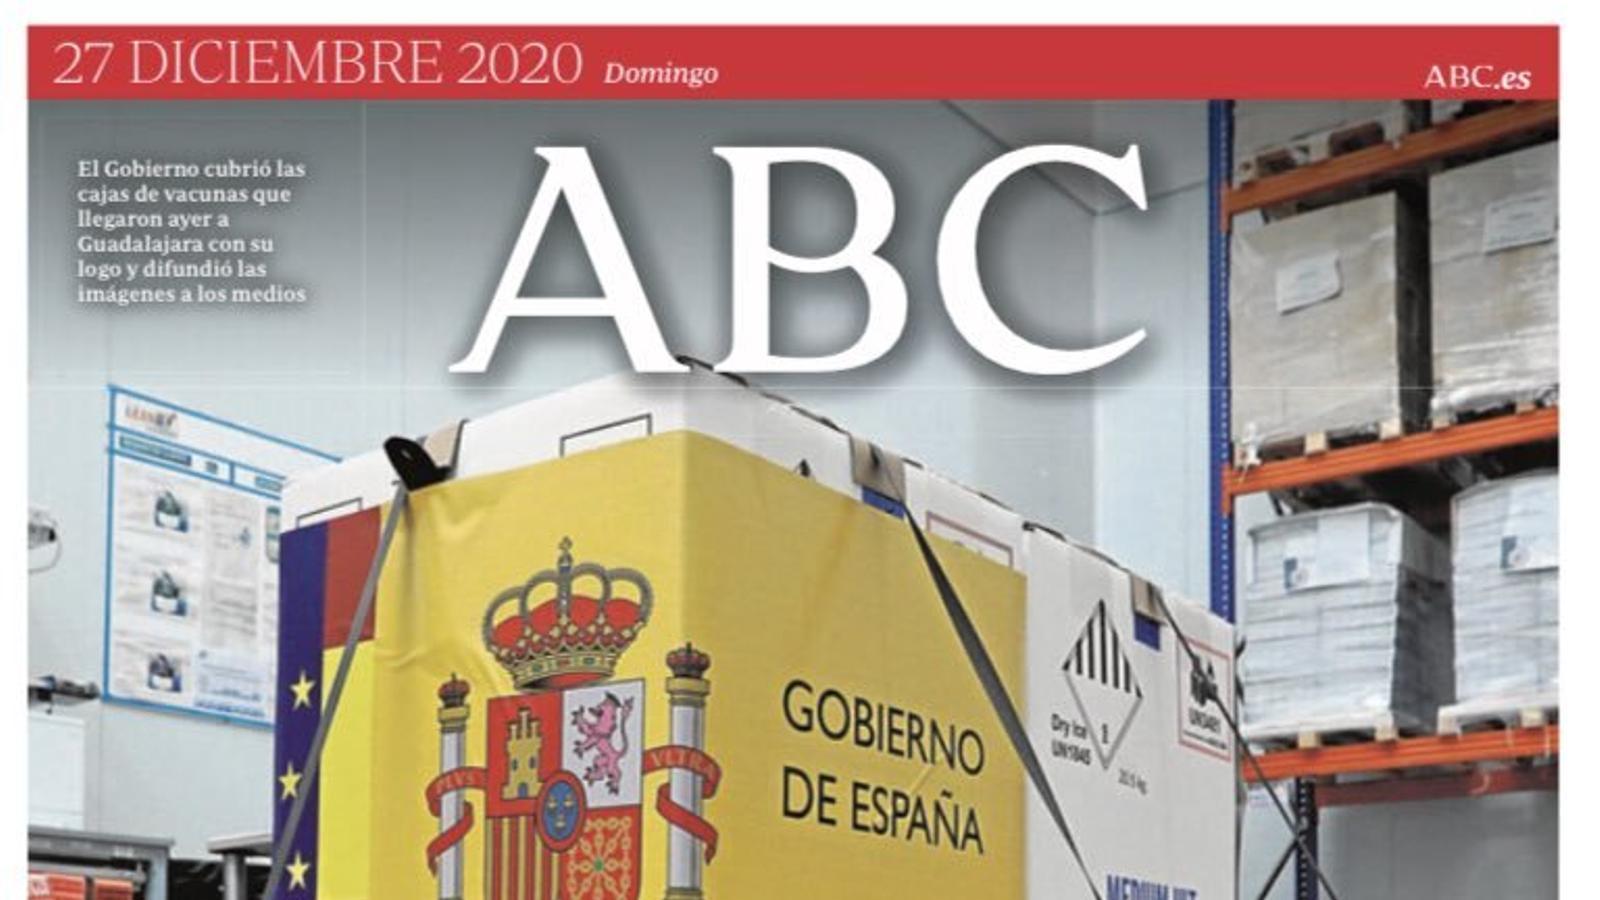 Portada de l'Abc, 27 de desembre del 2020